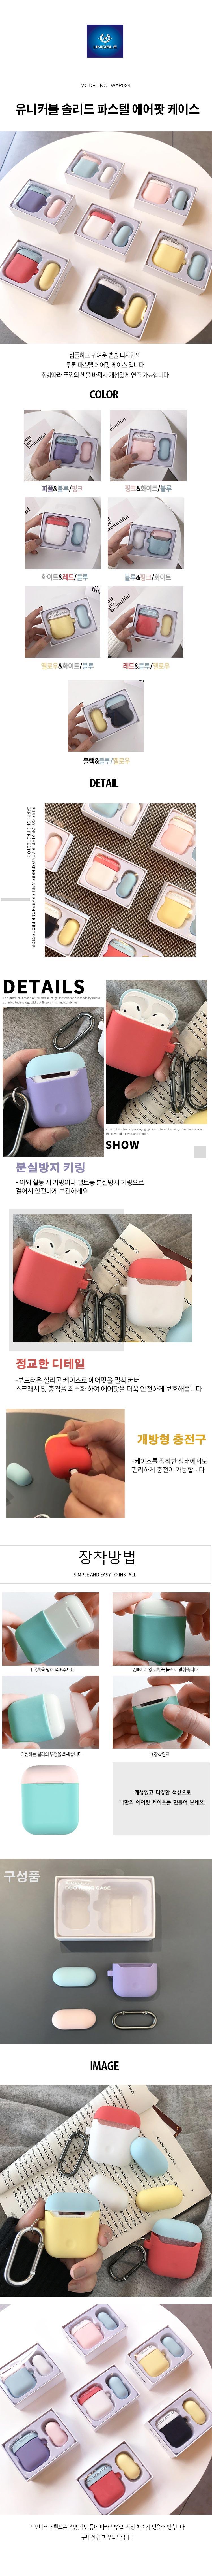 차이팟 에어팟 투톤 파스텔 실리콘 케이스+1 분실방지 고리 키링 세트 1 2세대 호환 - 유니커블, 6,700원, 이어폰, 이어폰 악세서리